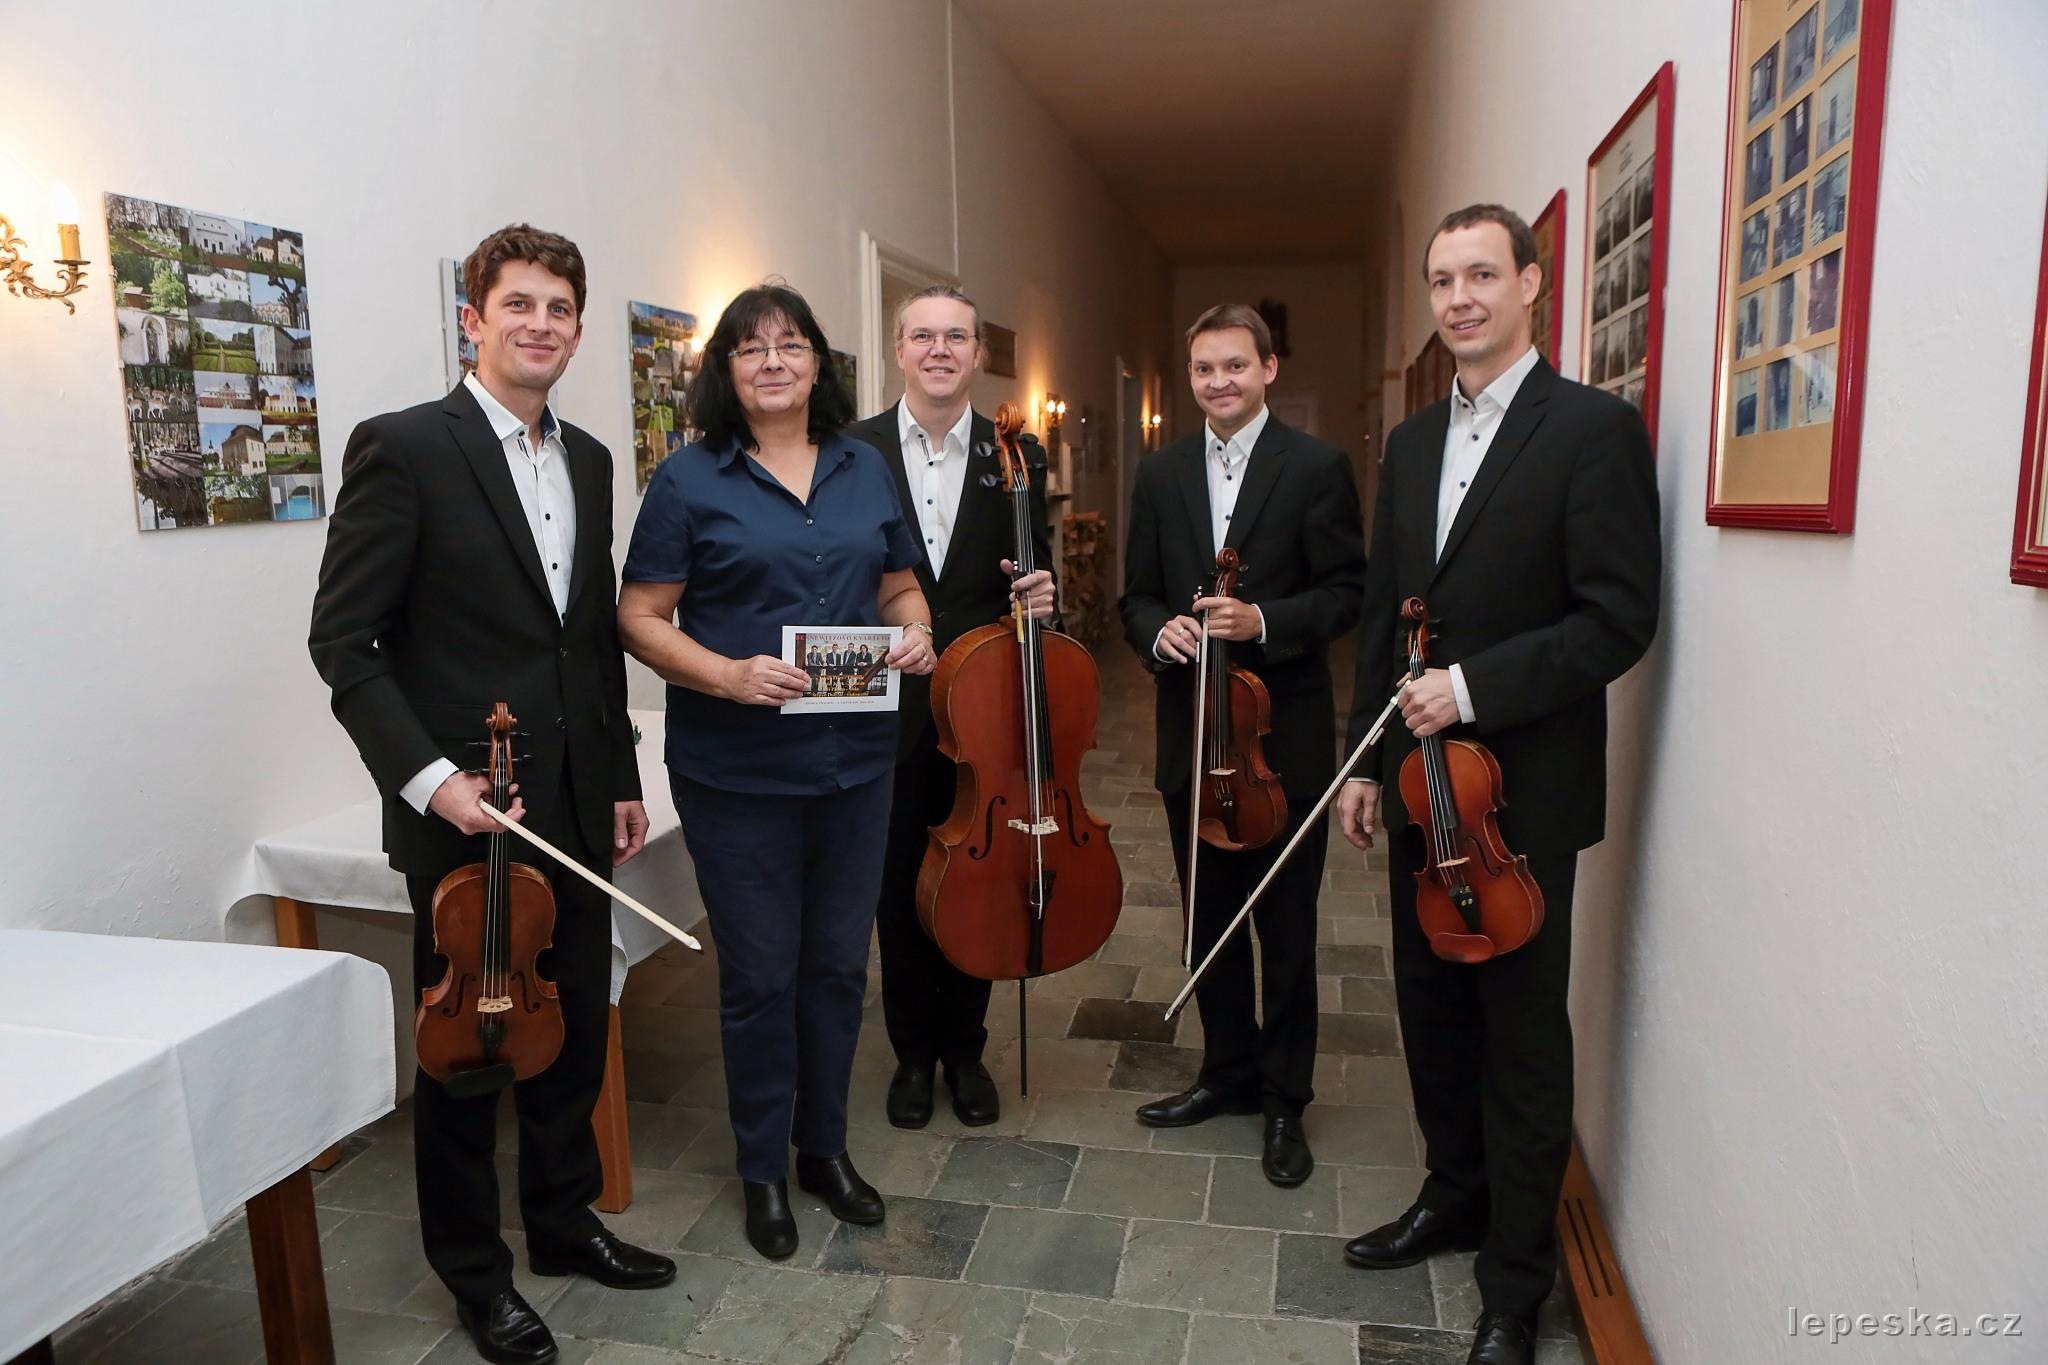 #bennewitz quartet